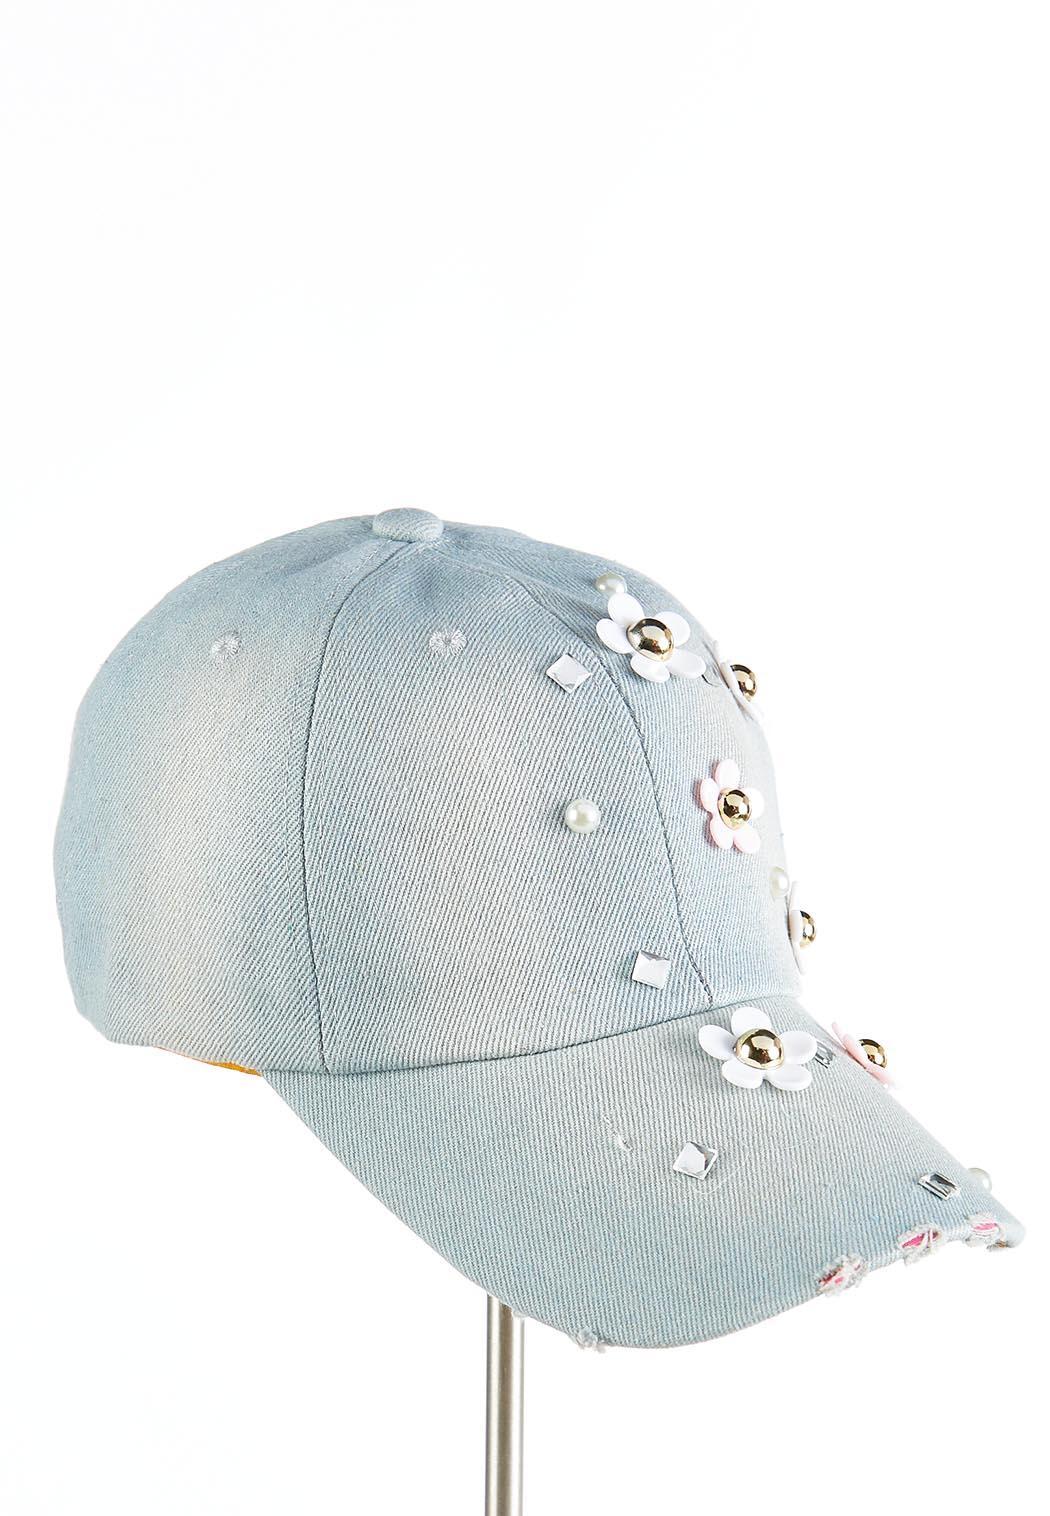 Flower Pearl Embellished Denim Cap